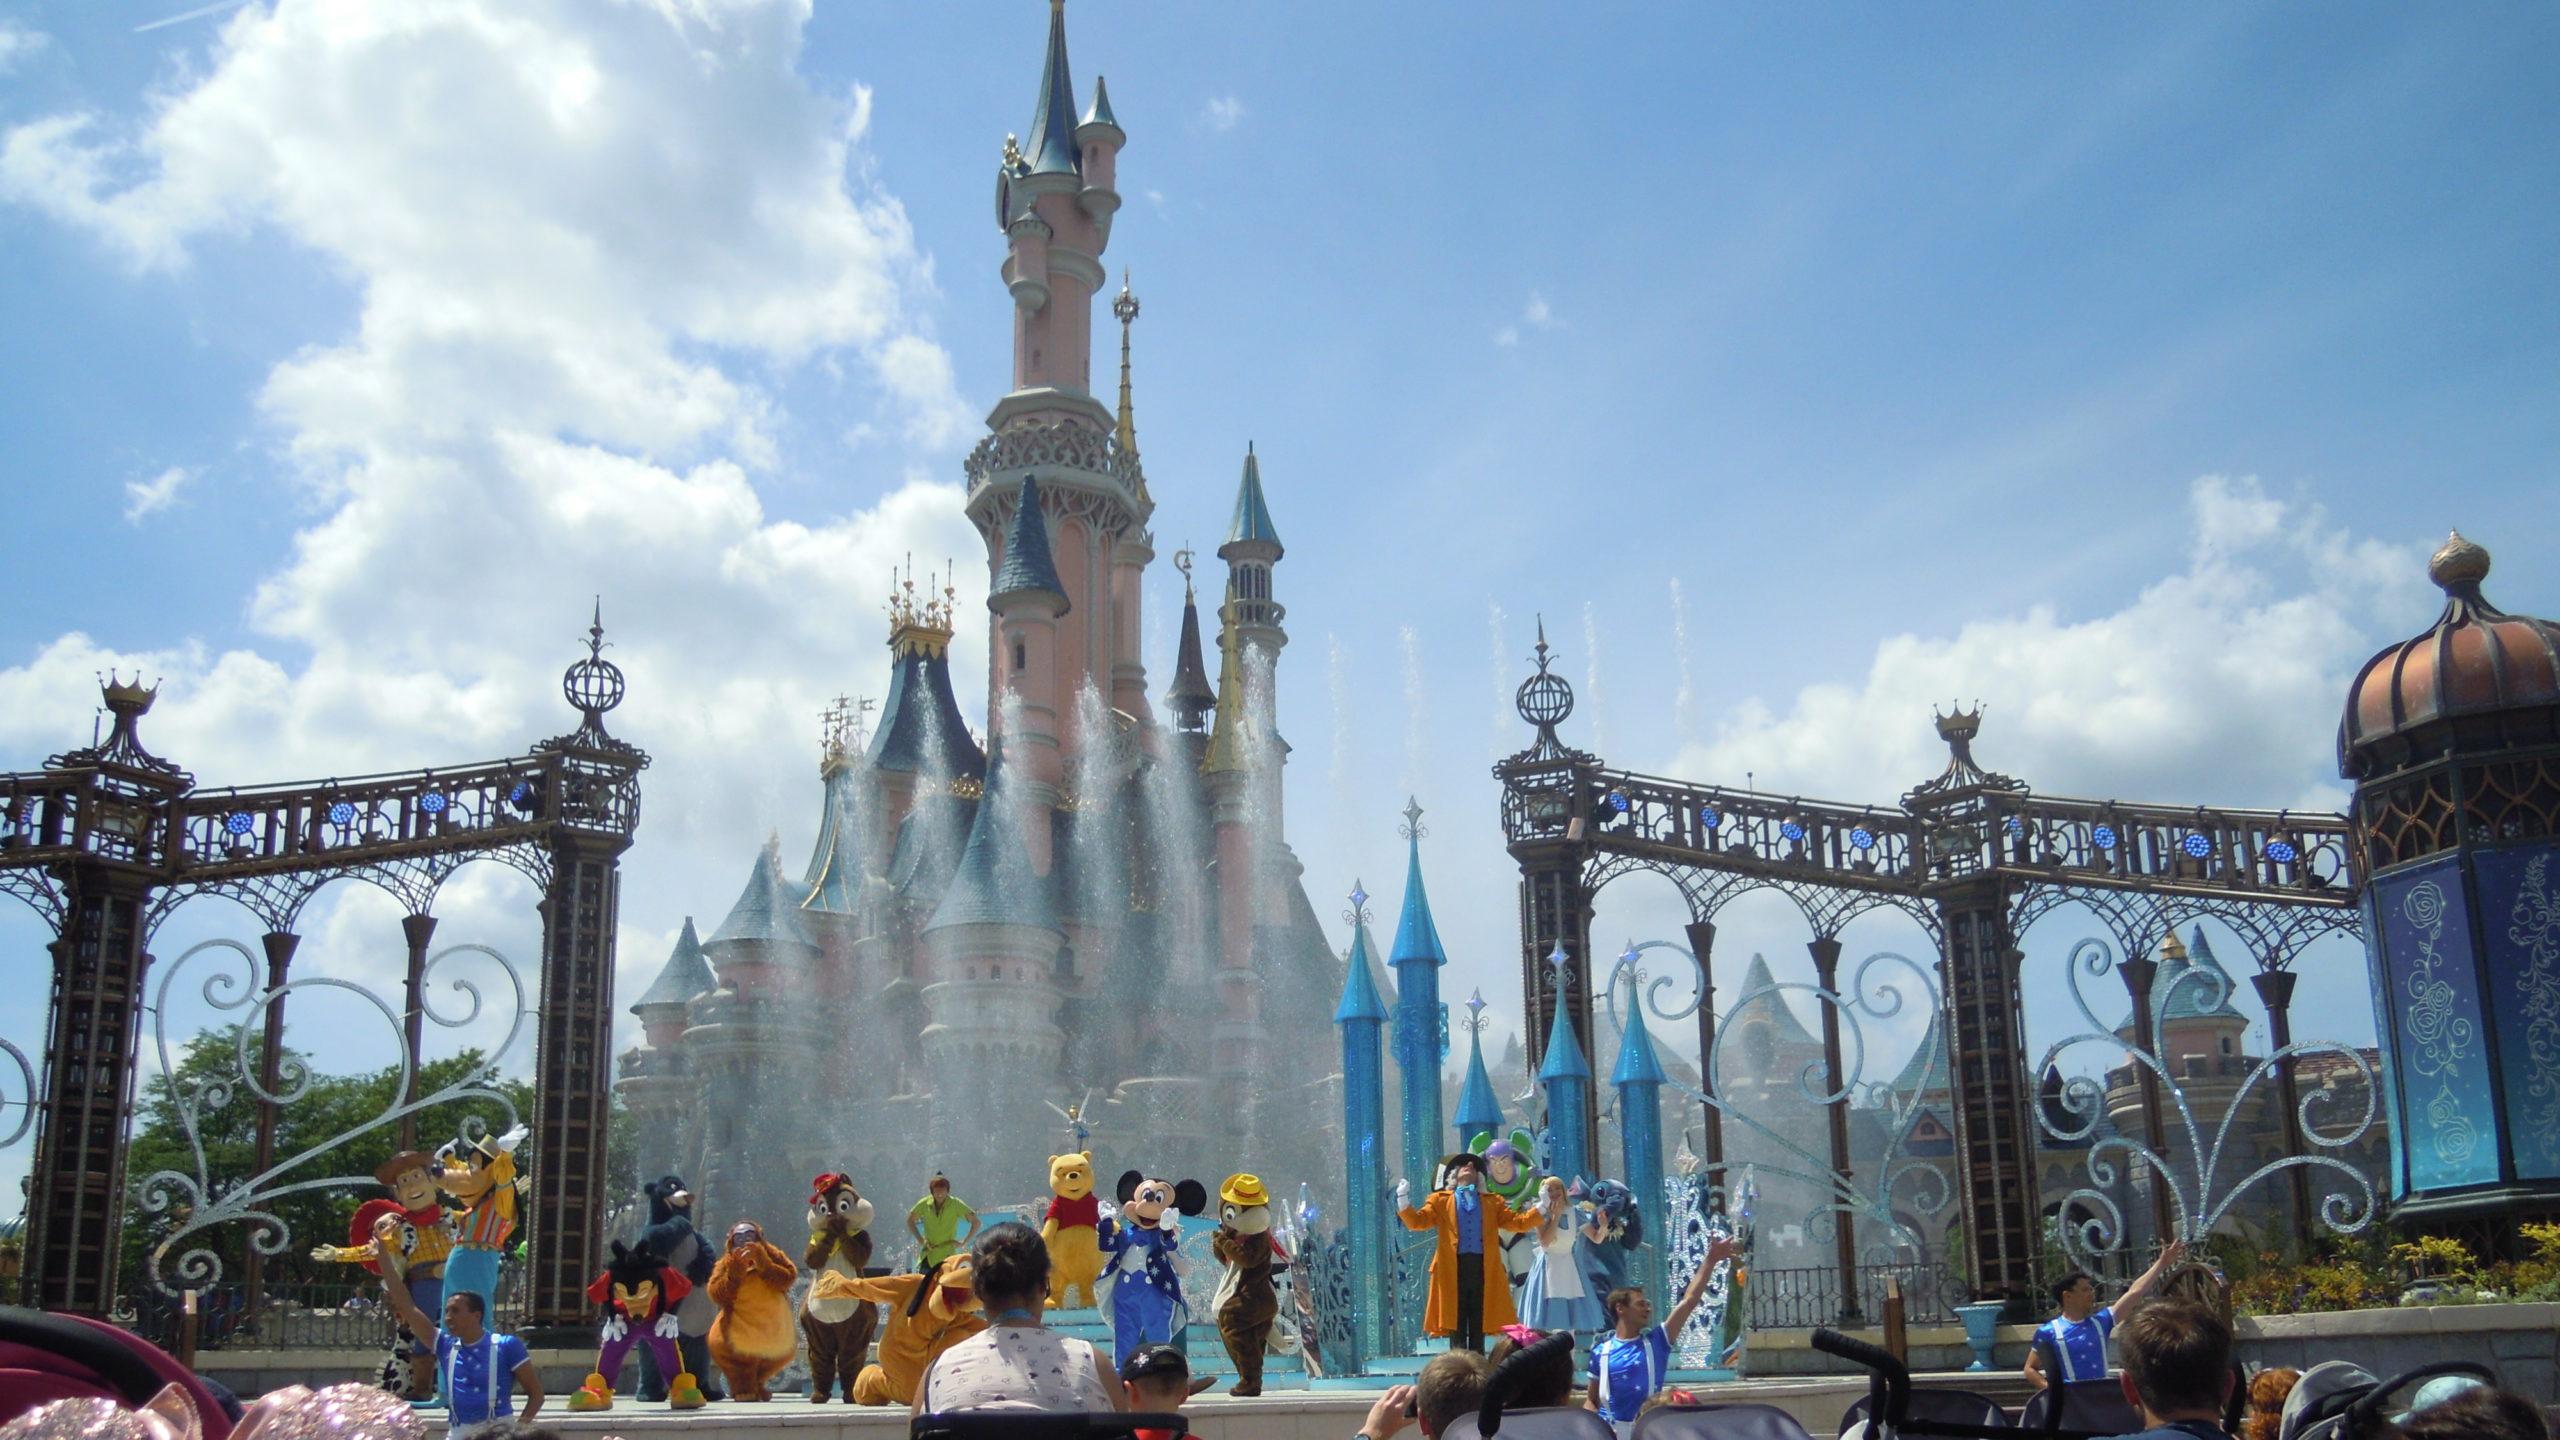 Bühnenshow zum 25. Jubiläum in Disneyland Paris